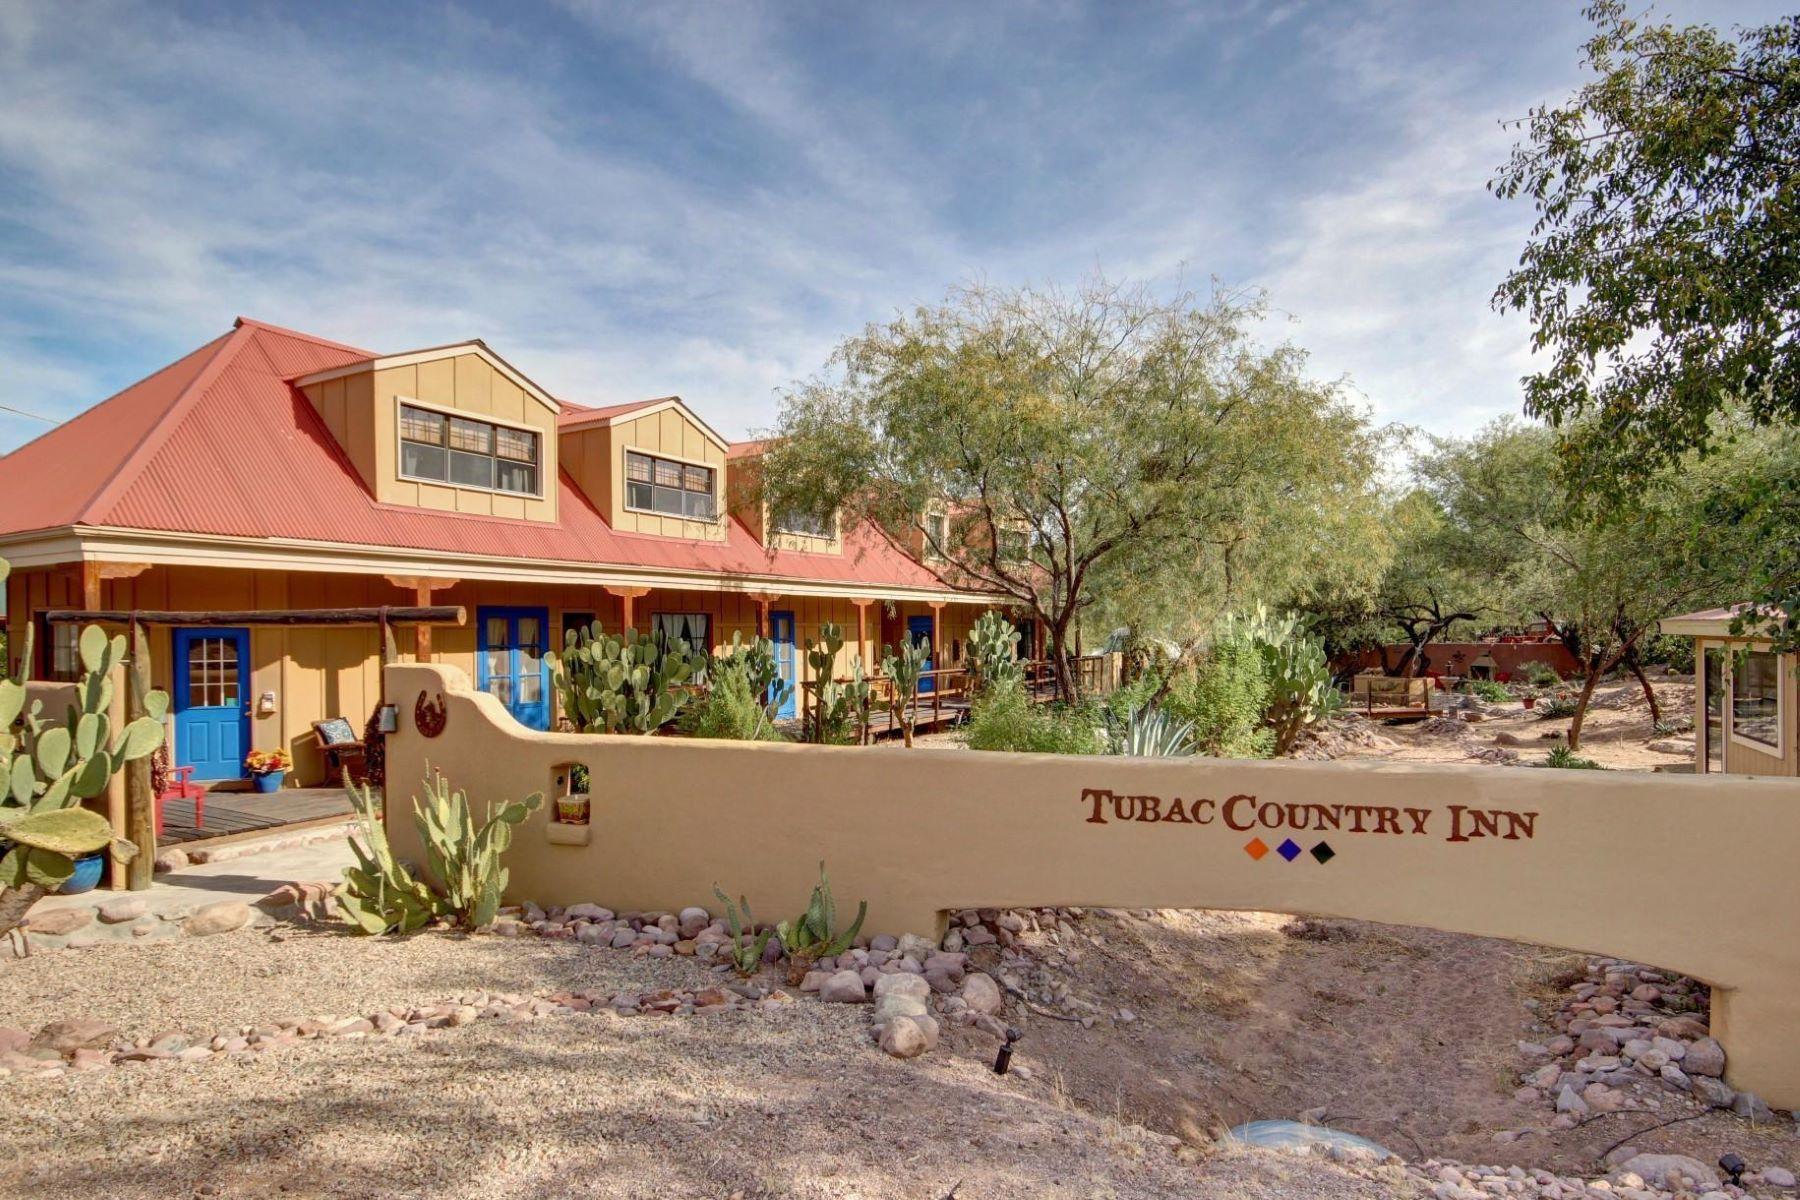 Other Residential Homes για την Πώληση στο Tubac Country Inn 13 Burruel Street, Tubac, Αριζονα 85646 Ηνωμένες Πολιτείες